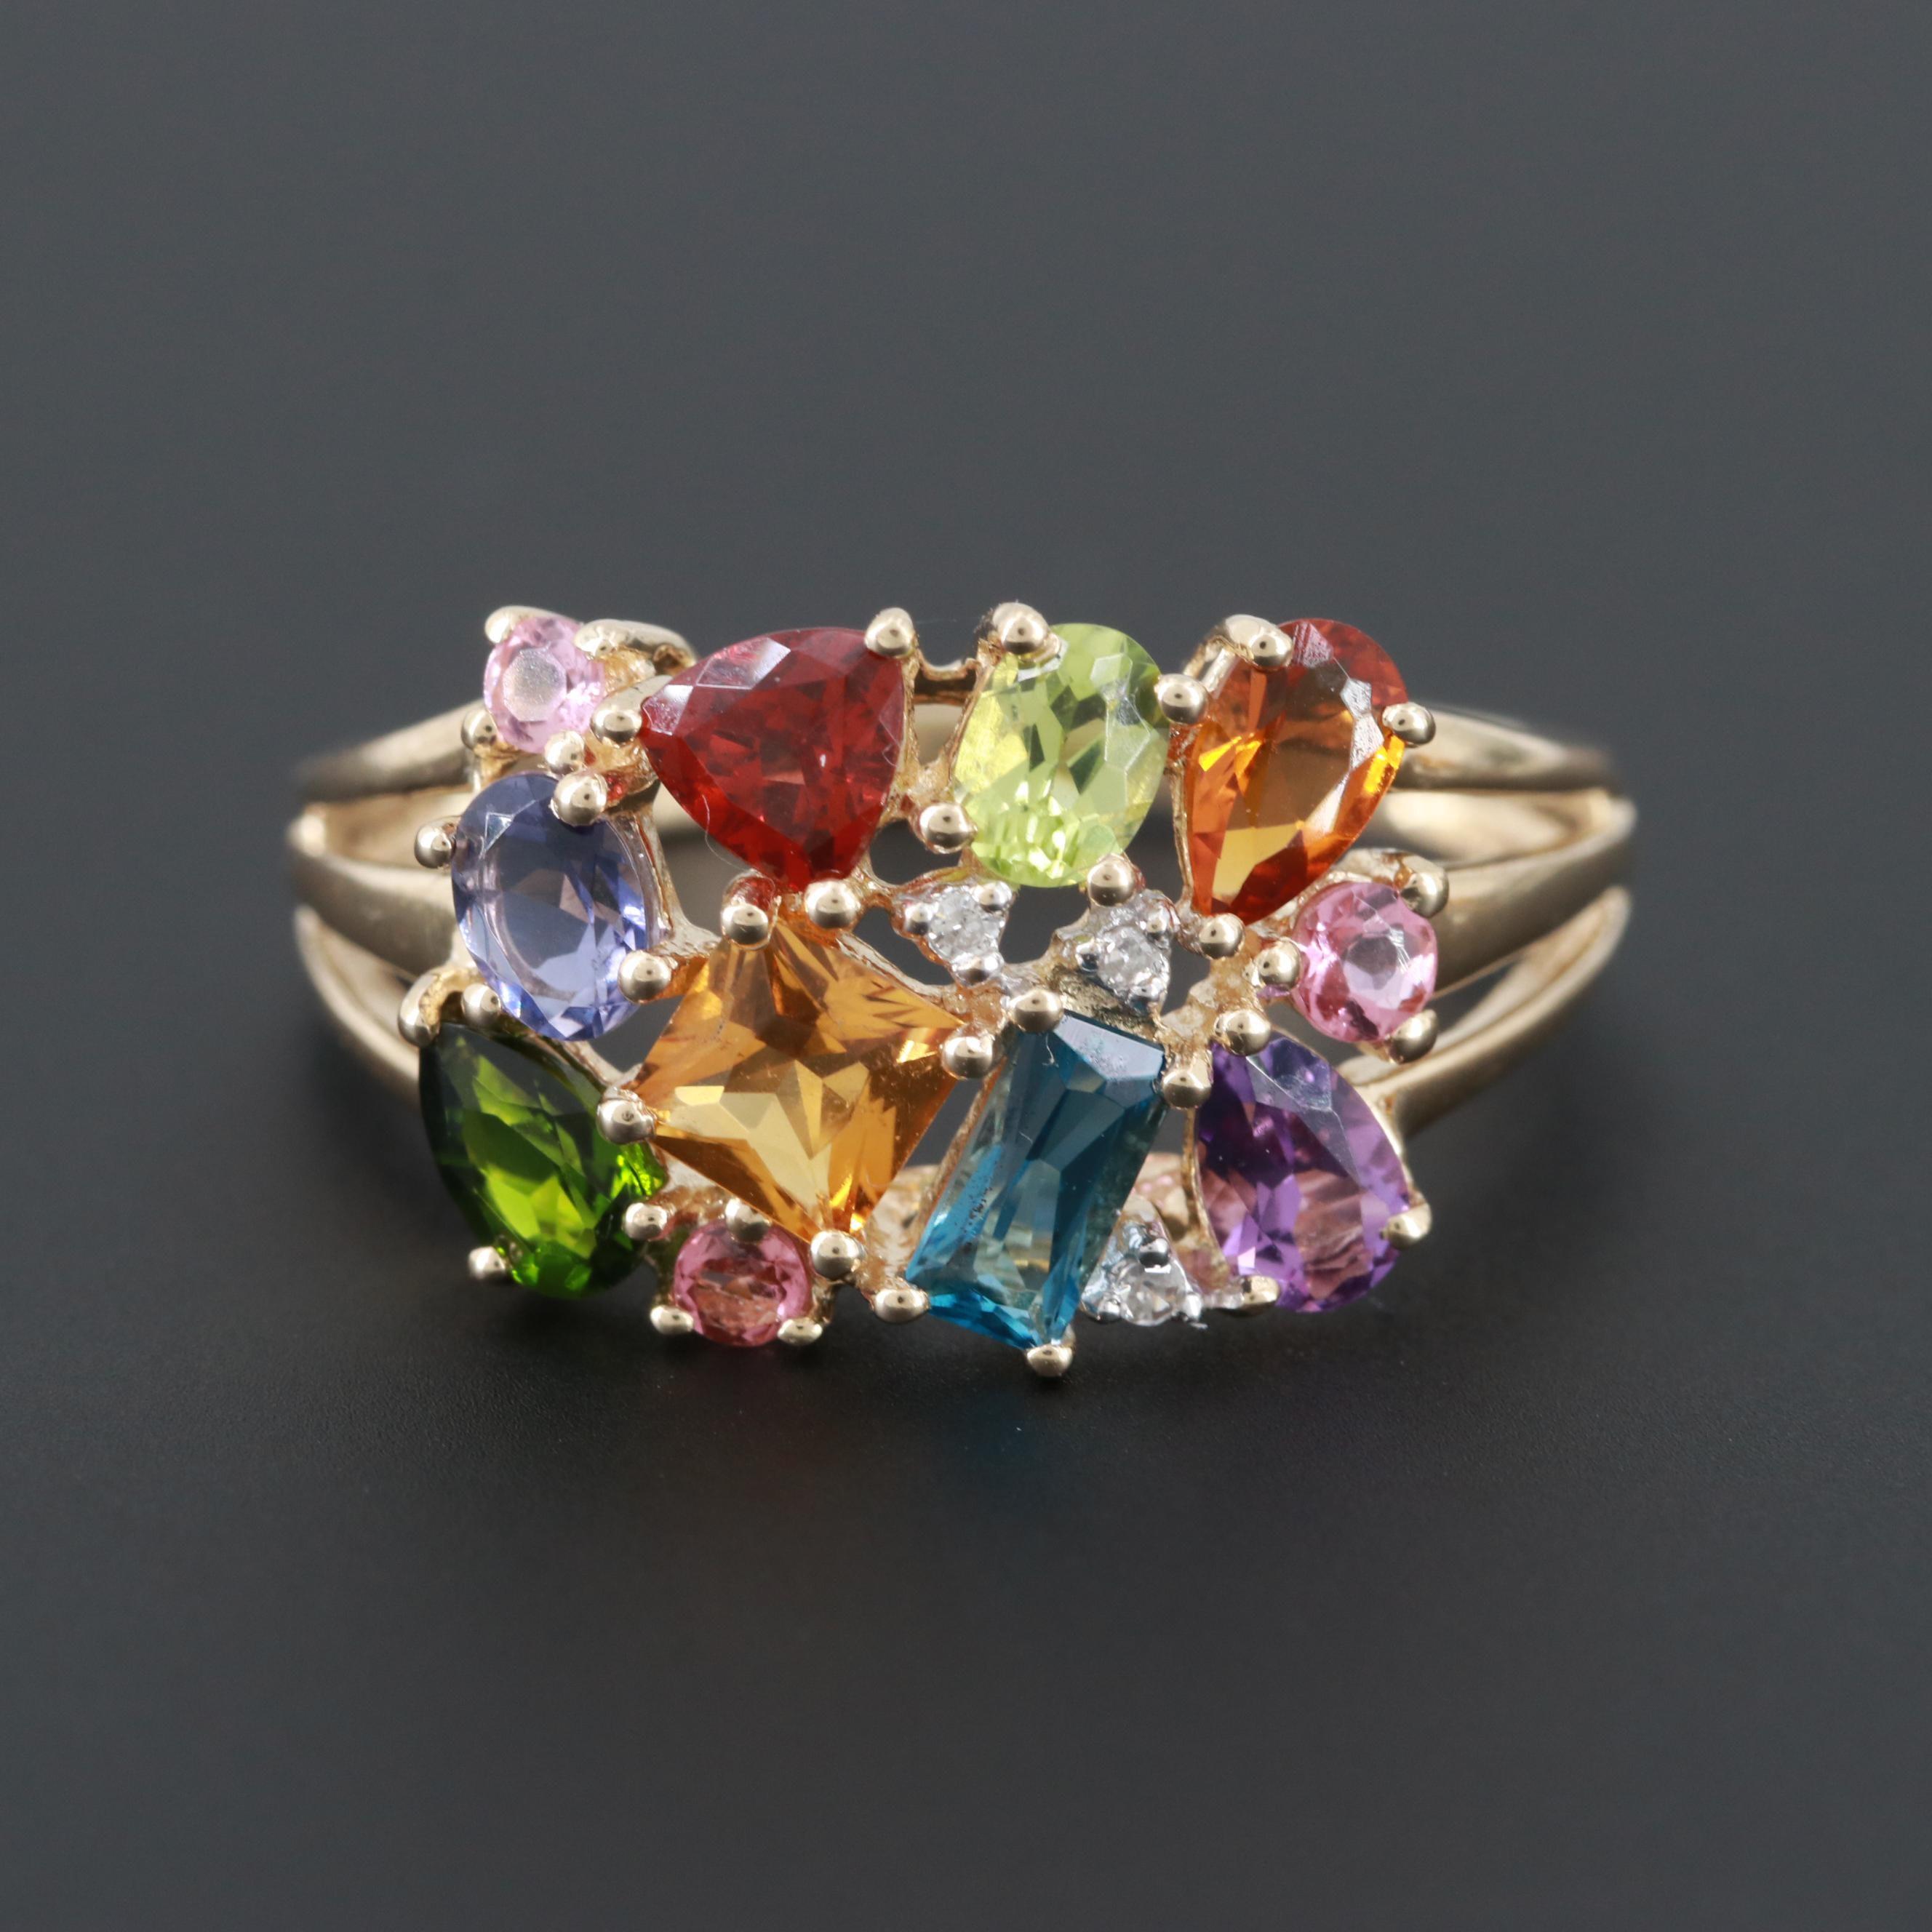 14K Yellow Gold Diamond, Tanzanite and Gemstone Ring